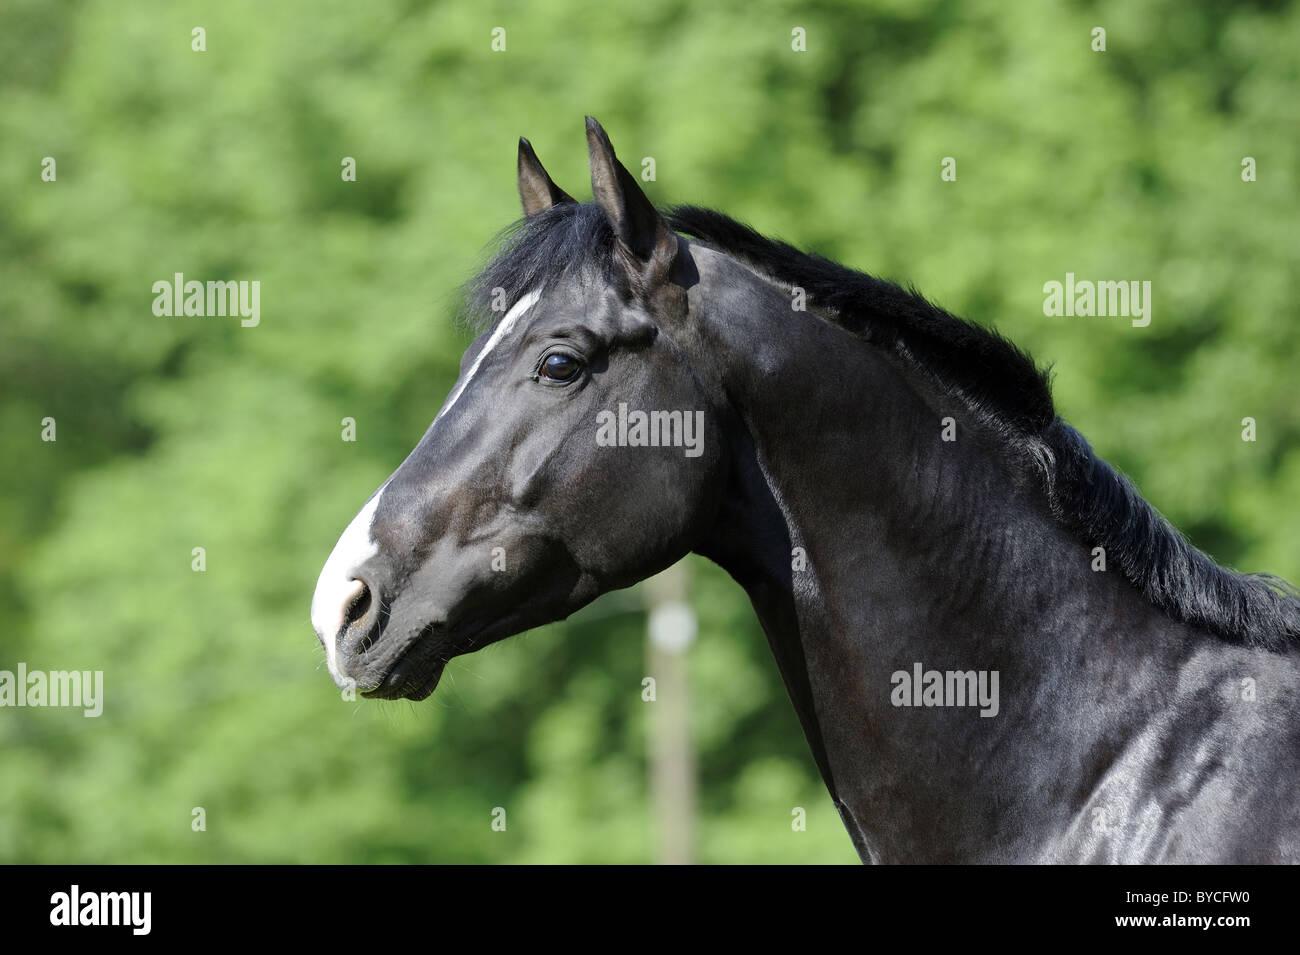 Trakehner (Equus ferus caballus), portrait of a stallion. - Stock Image